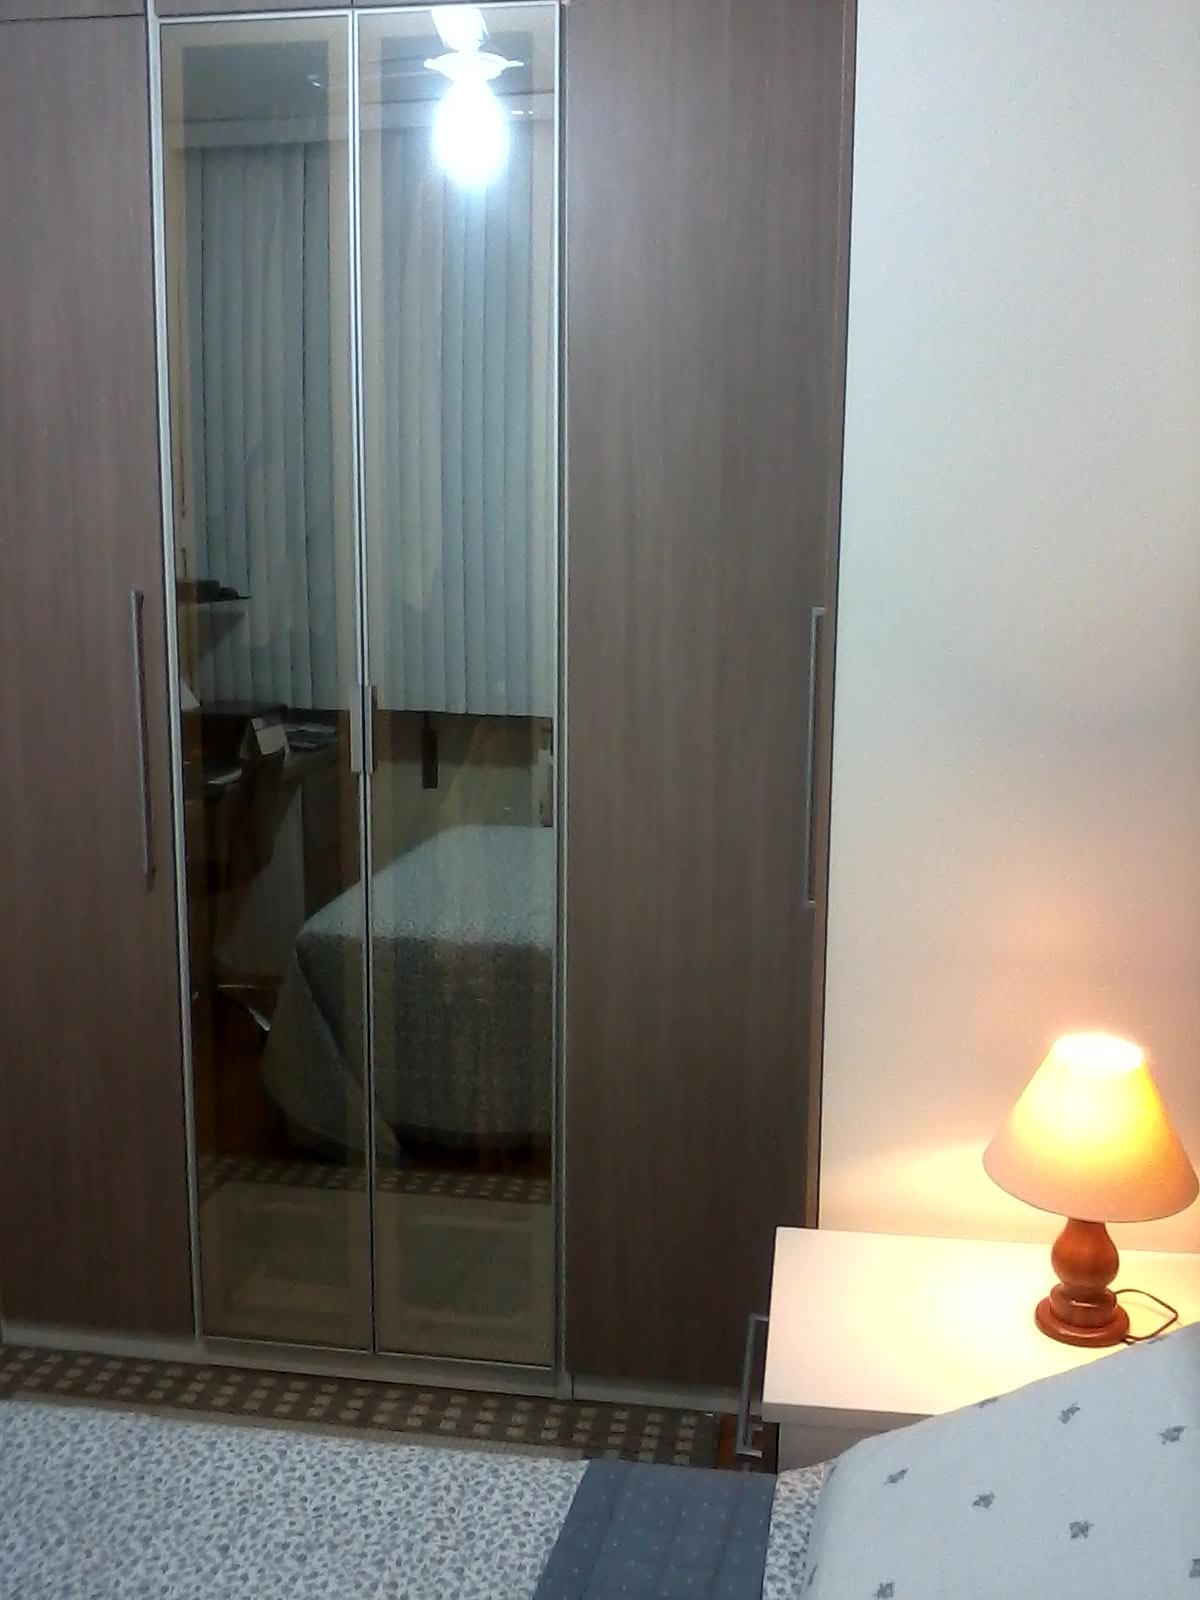 Ambientes & Ideias: Um quarto bonito funcional e aconchegante  #9A6831 1200x1600 Banheiro Bonito E Funcional